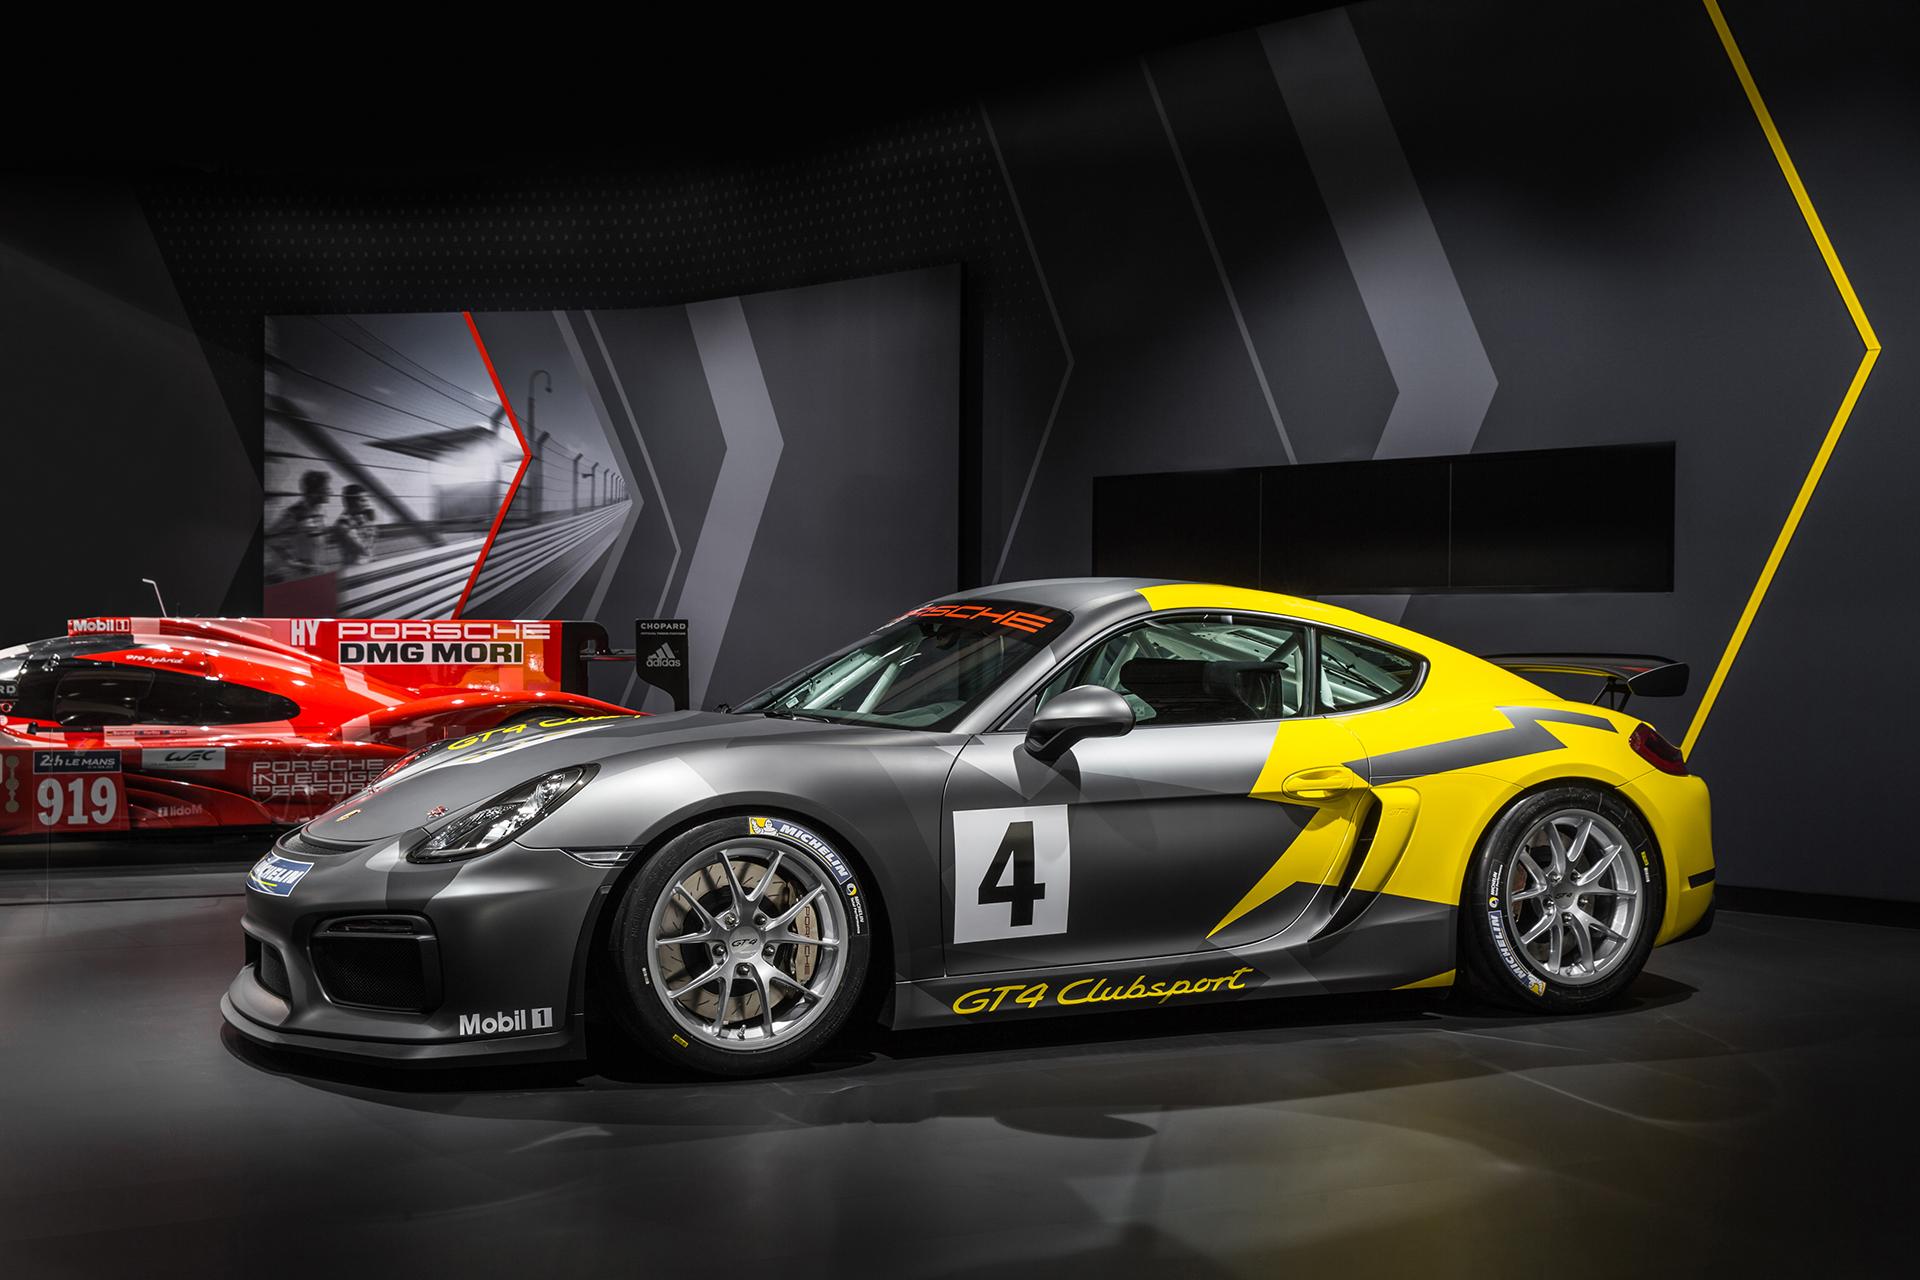 Porsche Cayman GT4 Clubsport - 2015 - profil / side-face - Los Angeles Auto Show